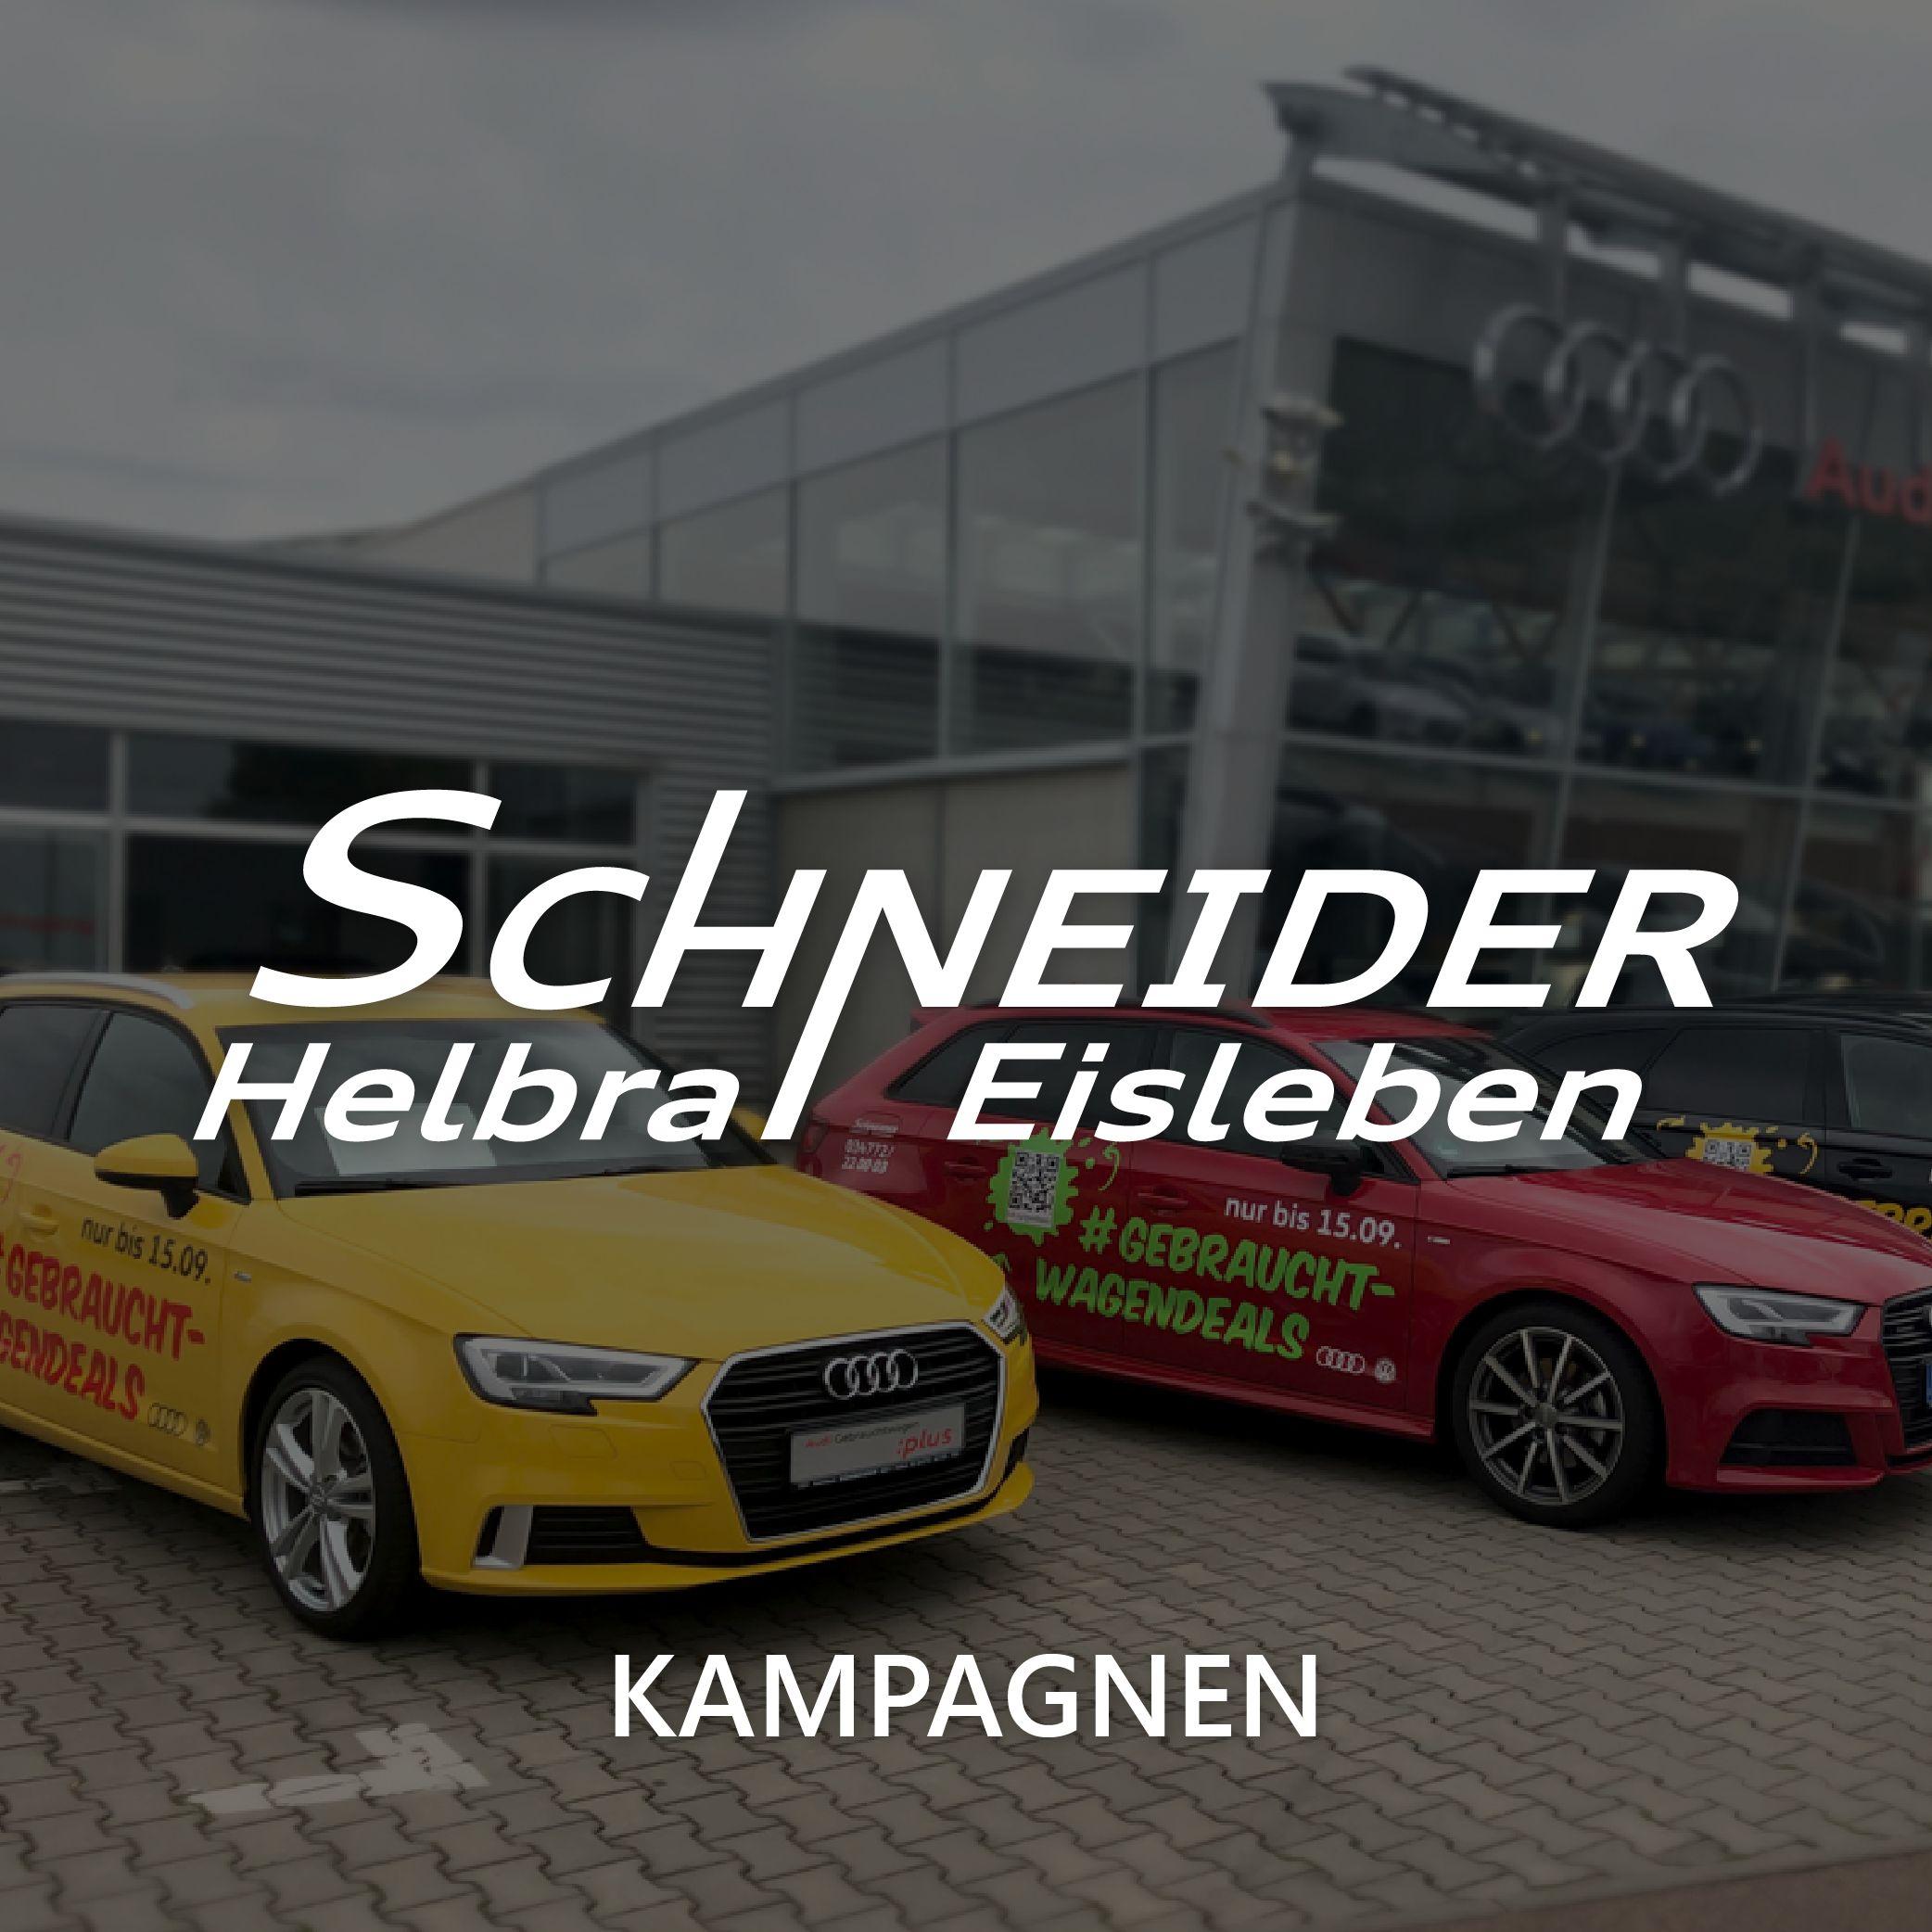 Autohaus Schneider Helbra Eisleben Kampagne